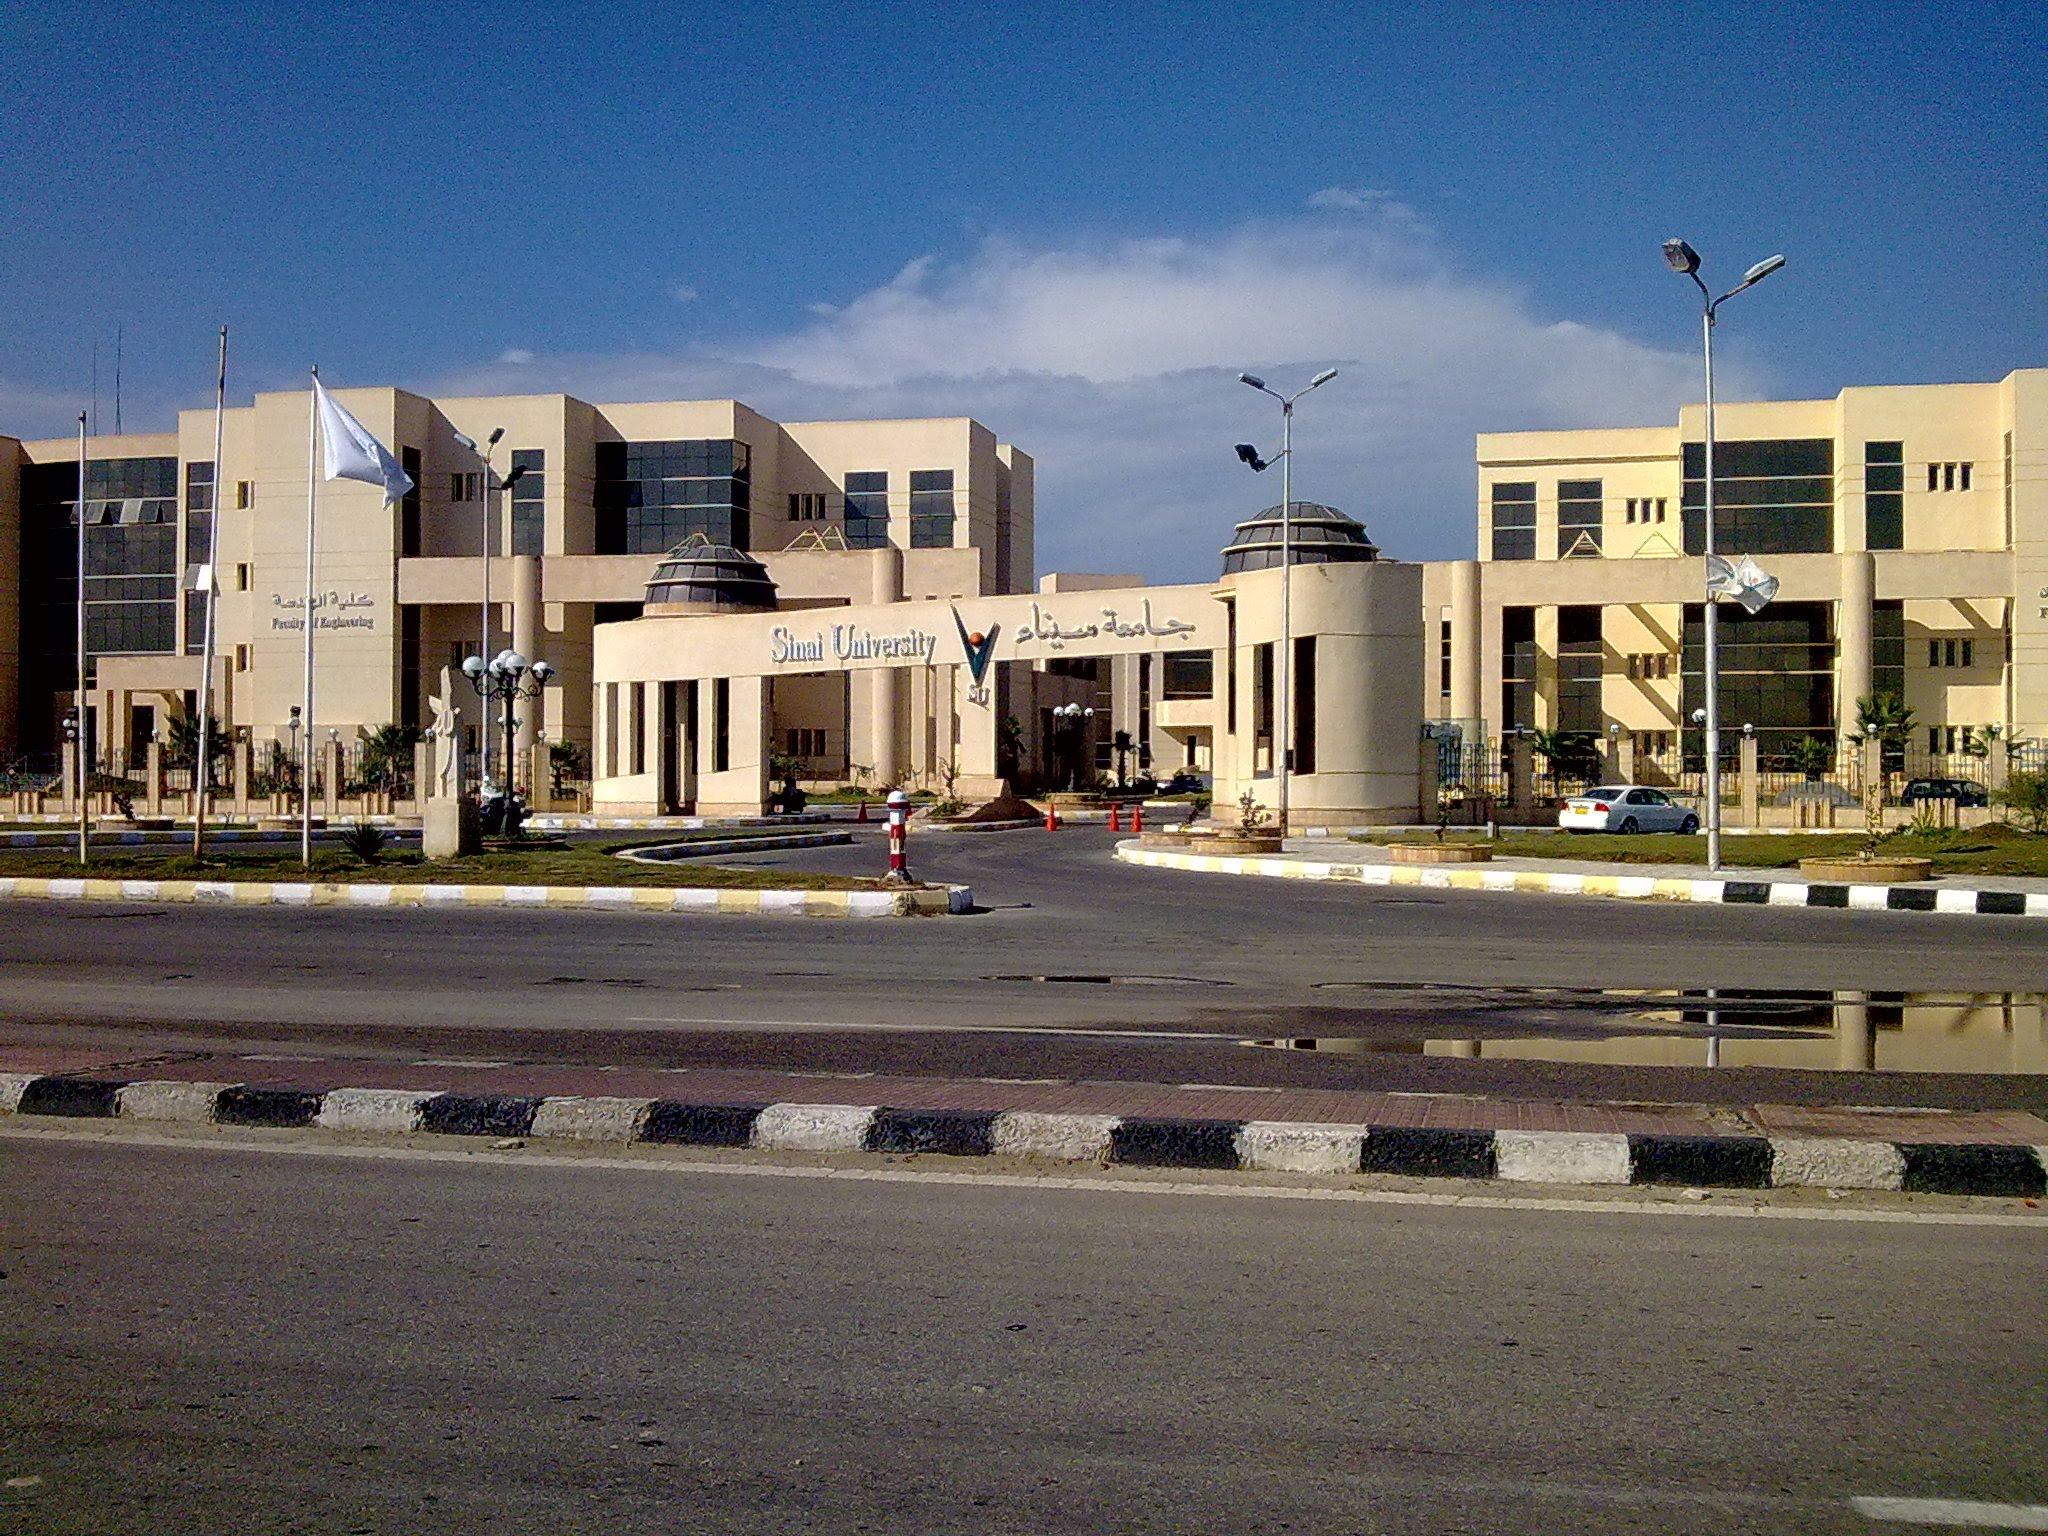 مصروفات جامعة سيناء للعام الدراسي الجديد 2018 - 2019